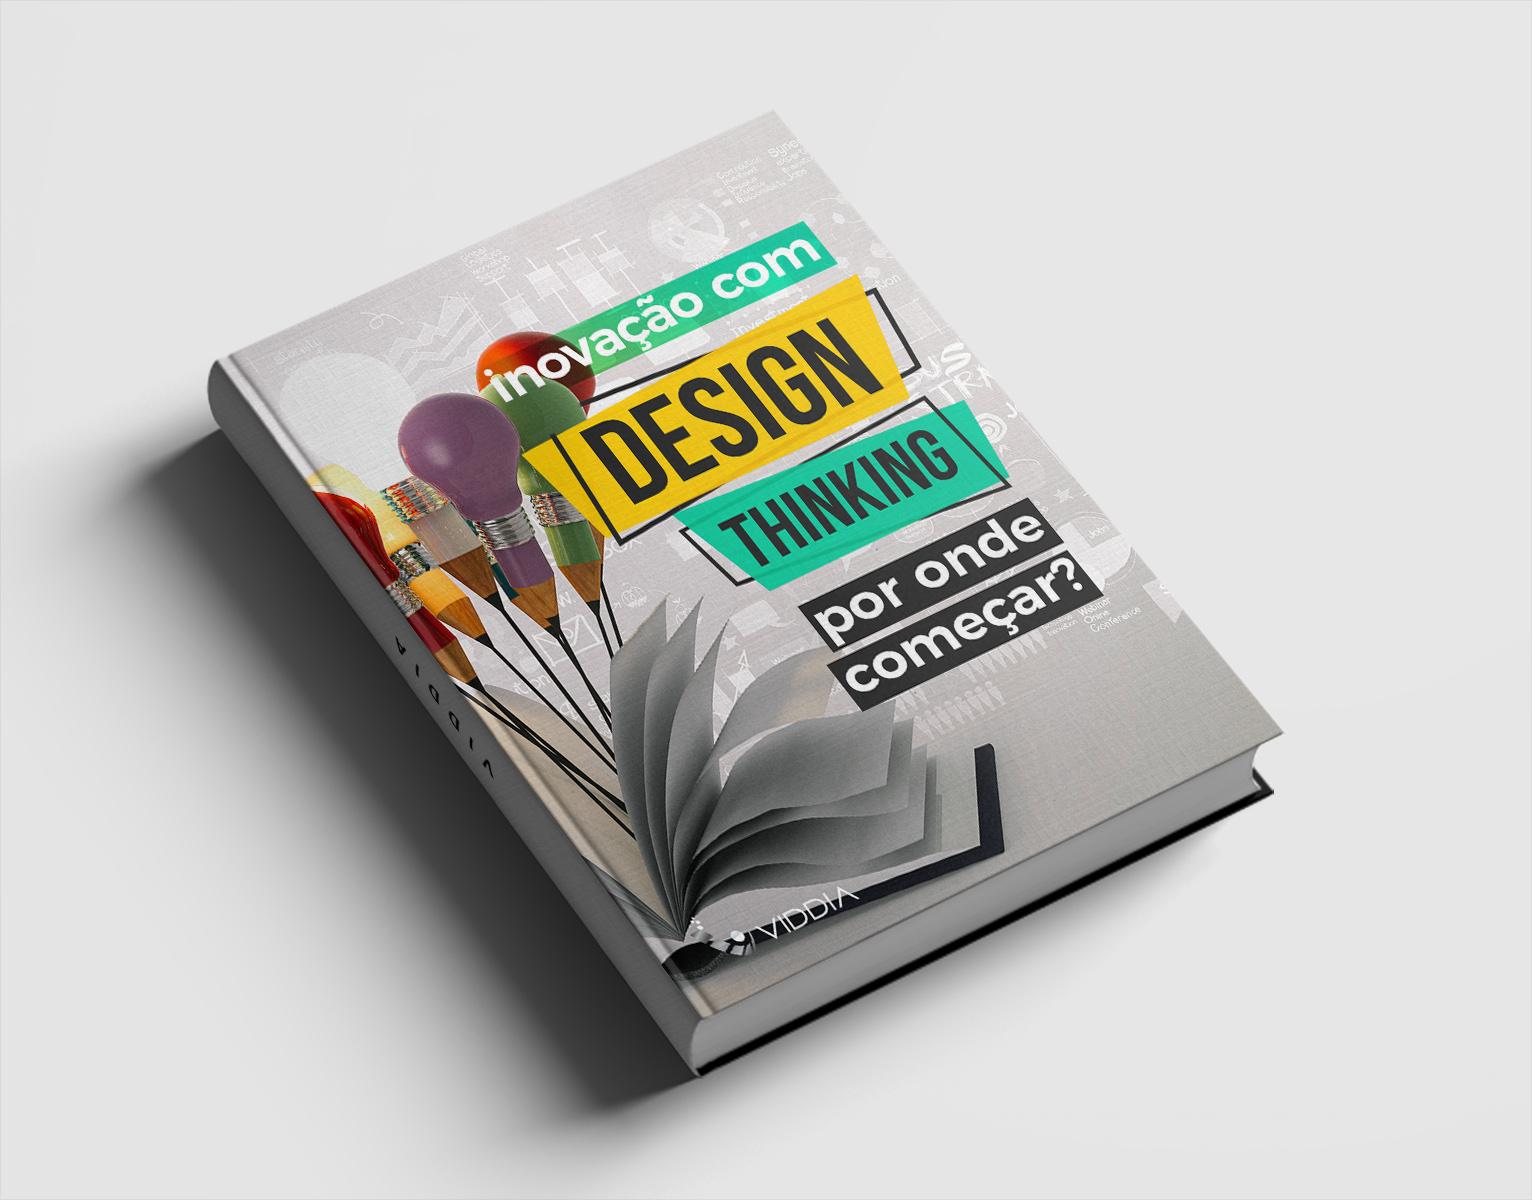 Inovação com Design Thinking